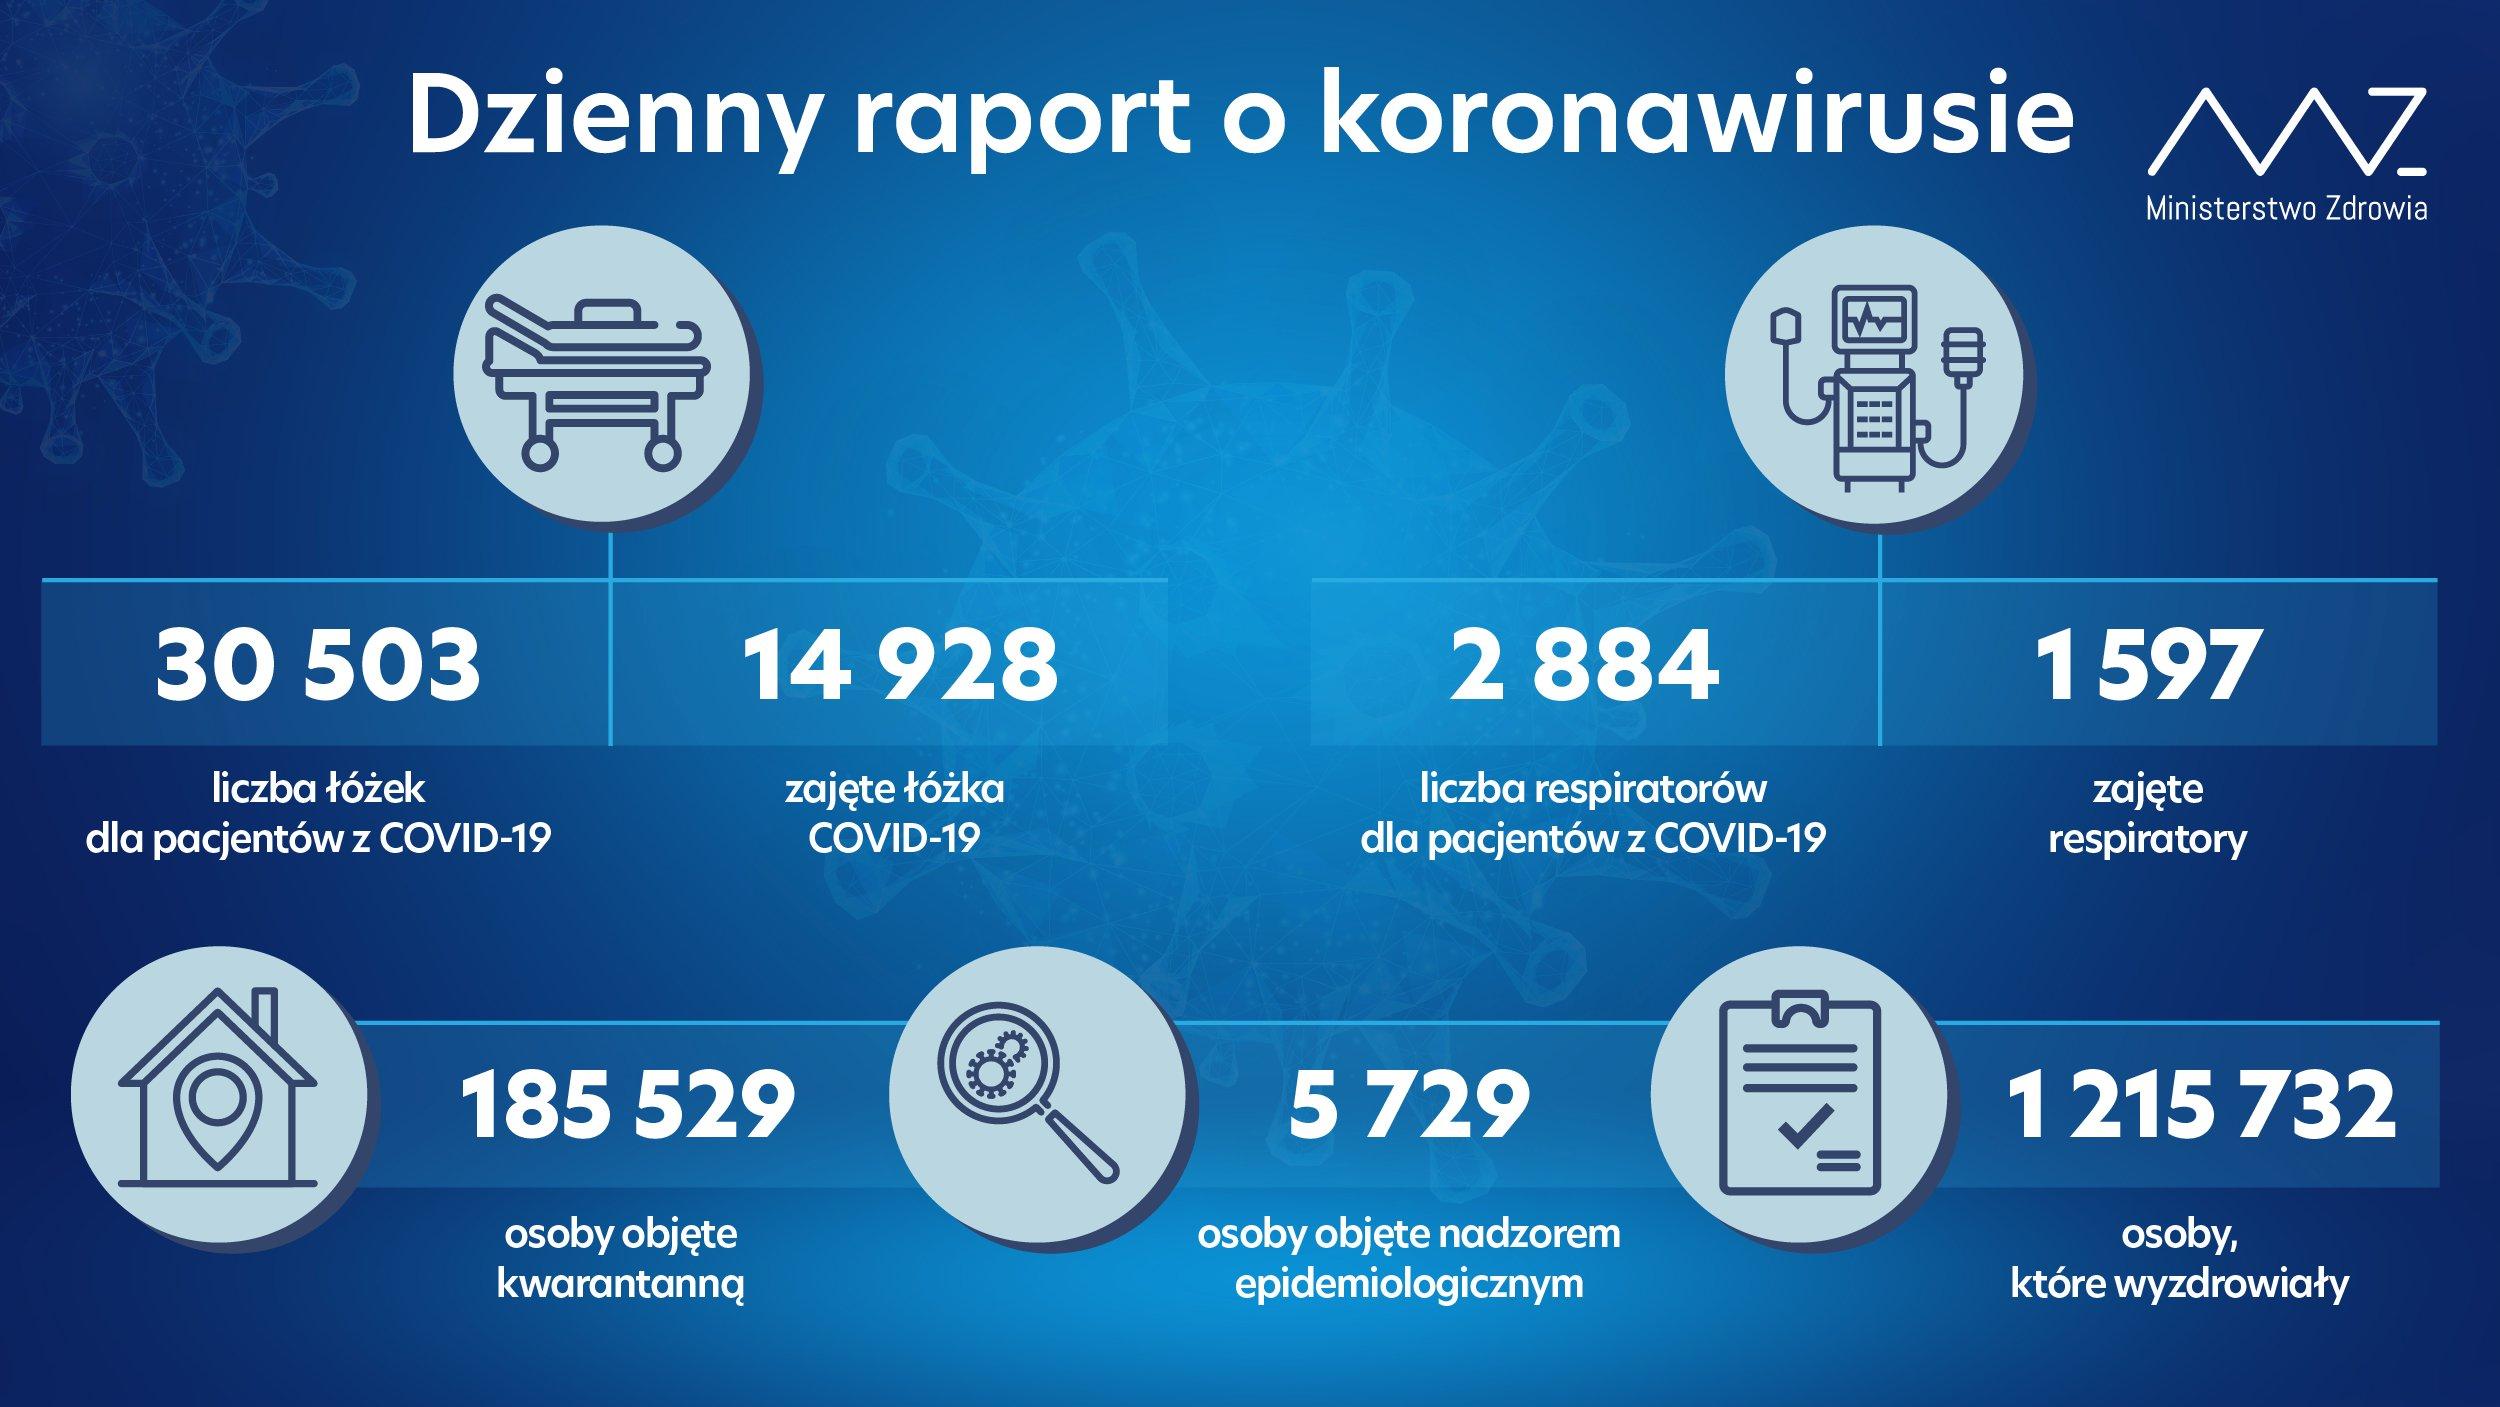 liczba łóżek dla pacjentów z COVID-19: 30 503 - liczba łóżek zajętych: 14 928 - liczba respiratorów dla pacjentów z COVID-19: 2 884 - liczba zajętych respiratorów: 1 597 - liczba osób objętych kwarantanną: 185 529 - liczba osób objętych nadzorem sanitarno-epidemiologicznym:  5 729 - liczba osób, które wyzdrowiały: 1 215 732